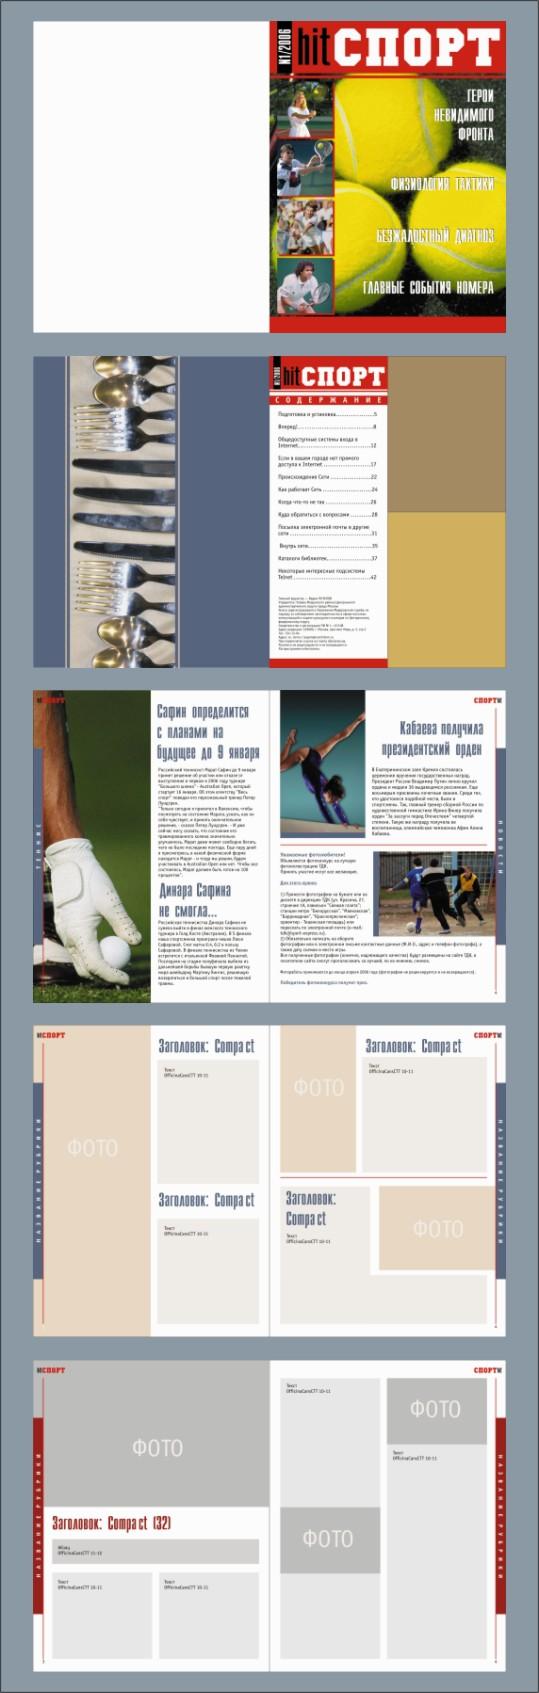 Стиль журнала «Хит Спорт»